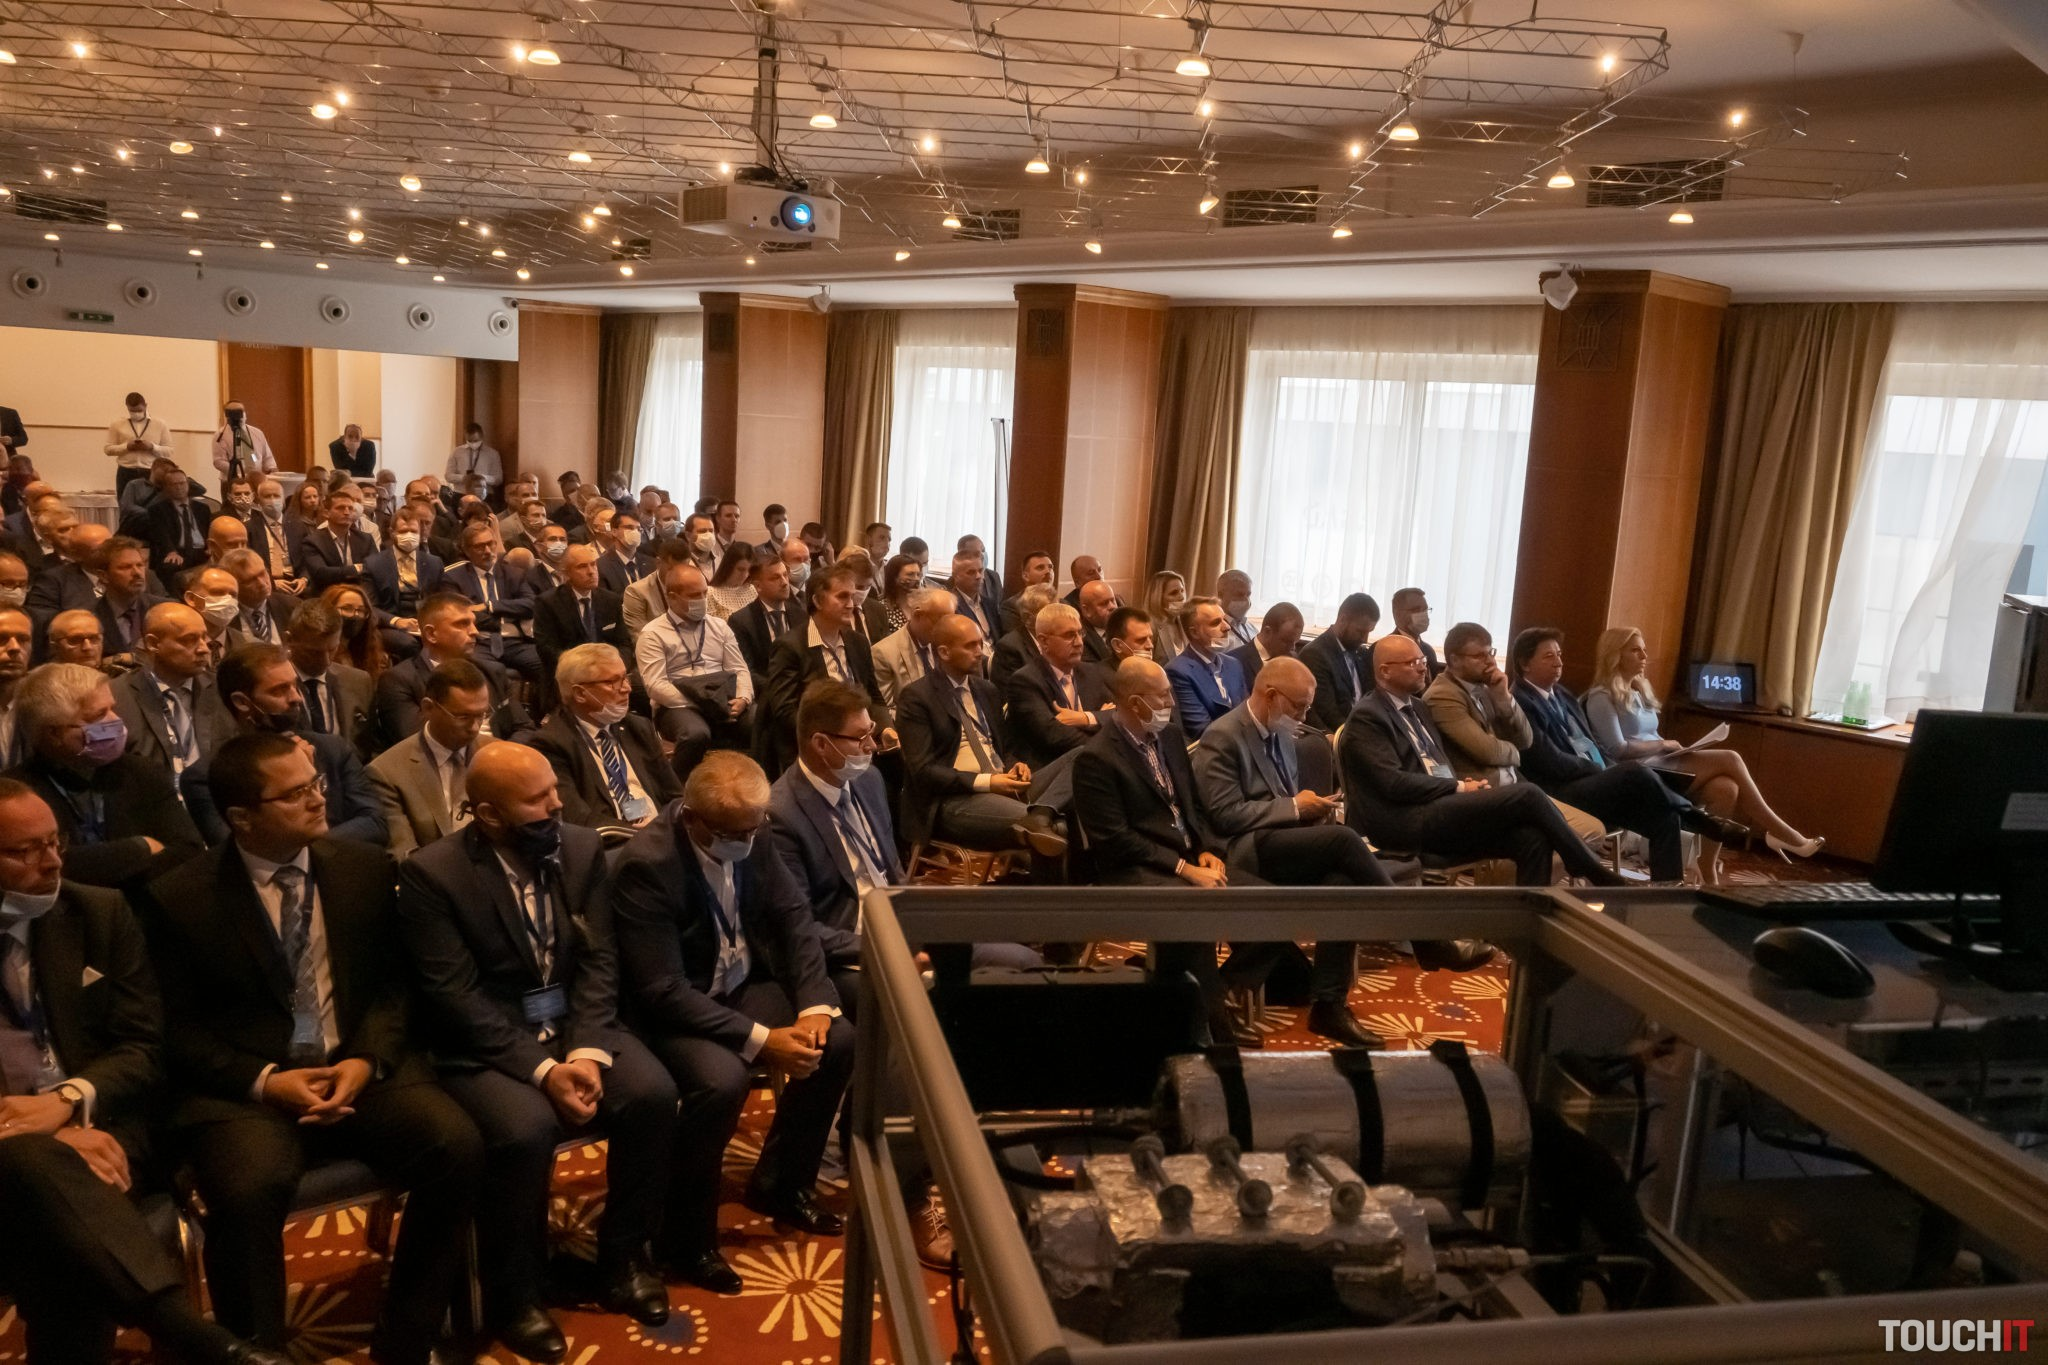 Konferencie sa zúčastnilo tak 150 ľudí